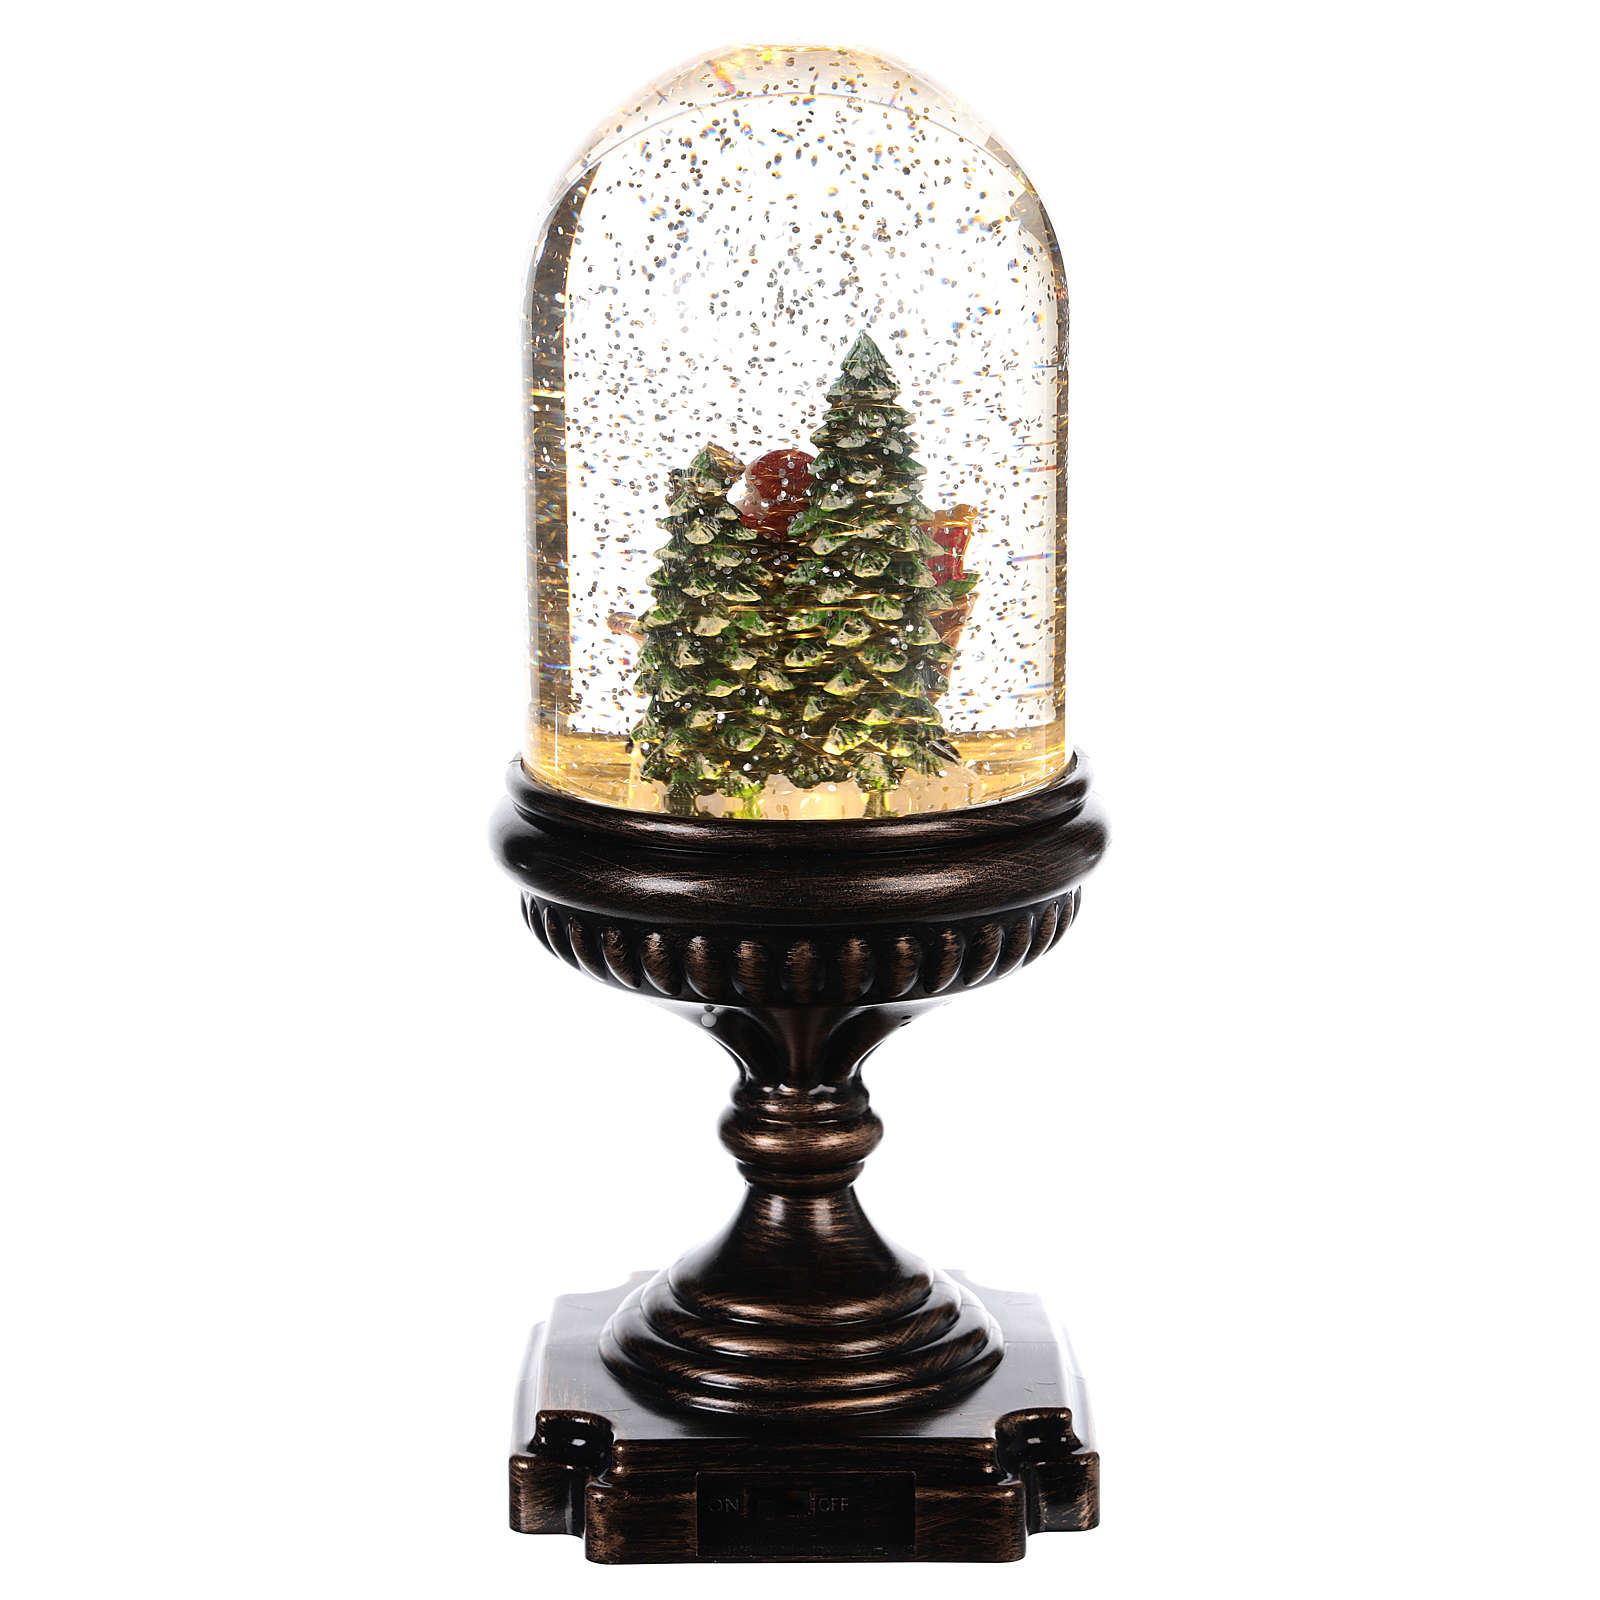 Schneekugel mit Weihnachtsmann auf Schlitten, 25x12x12 cm 3